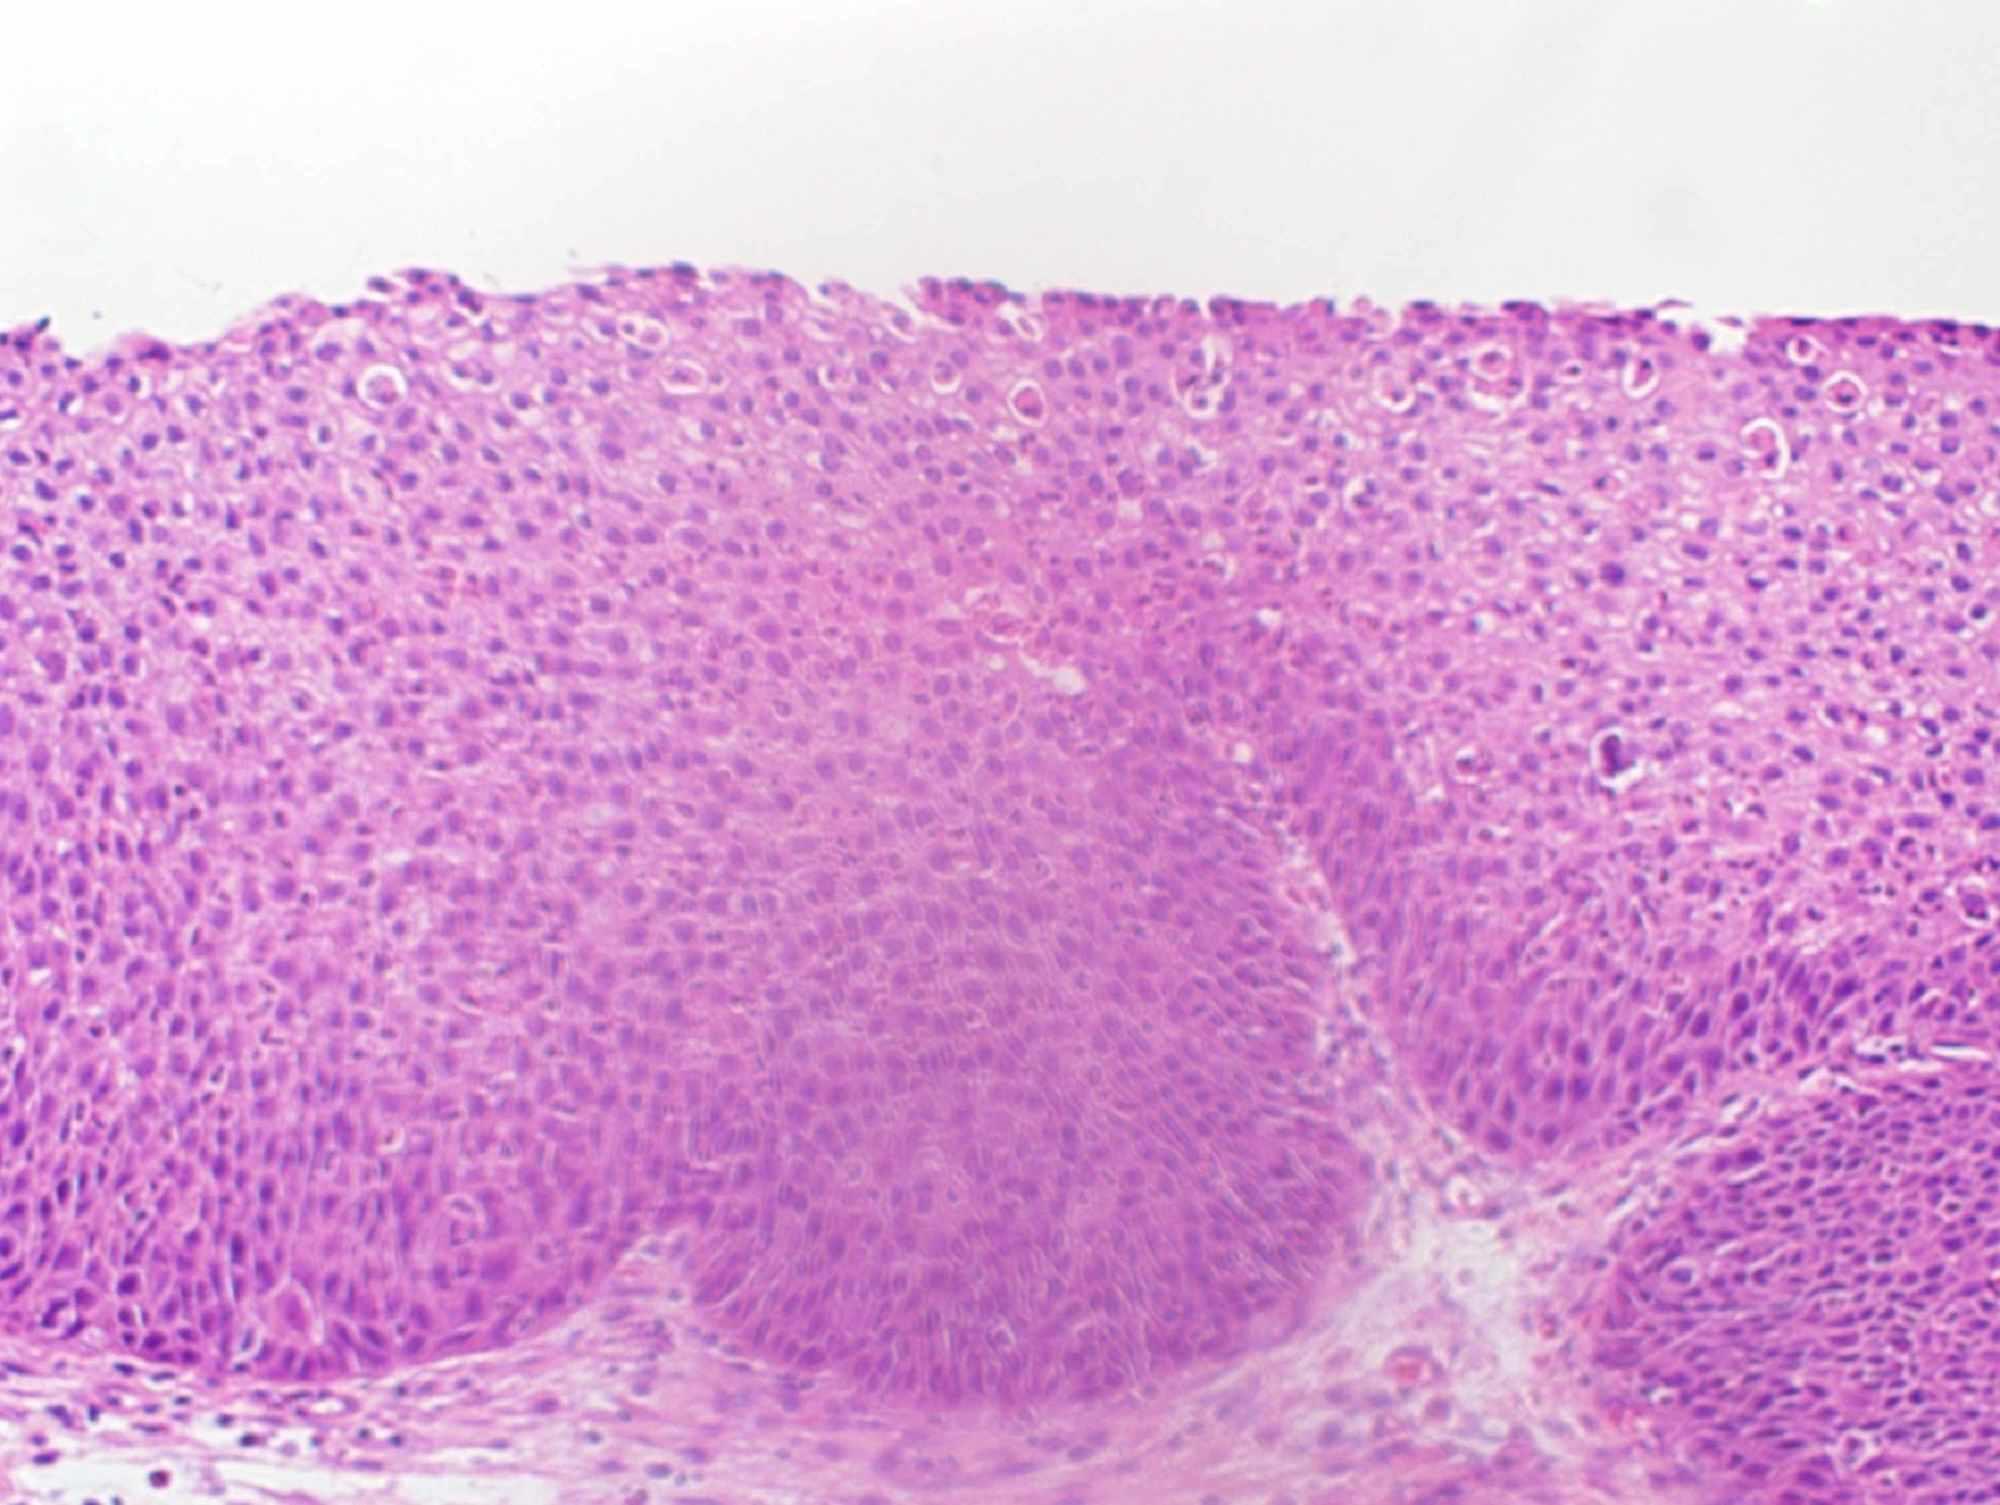 treatment for sinonasal inverted papilloma hpv erkrankung manner